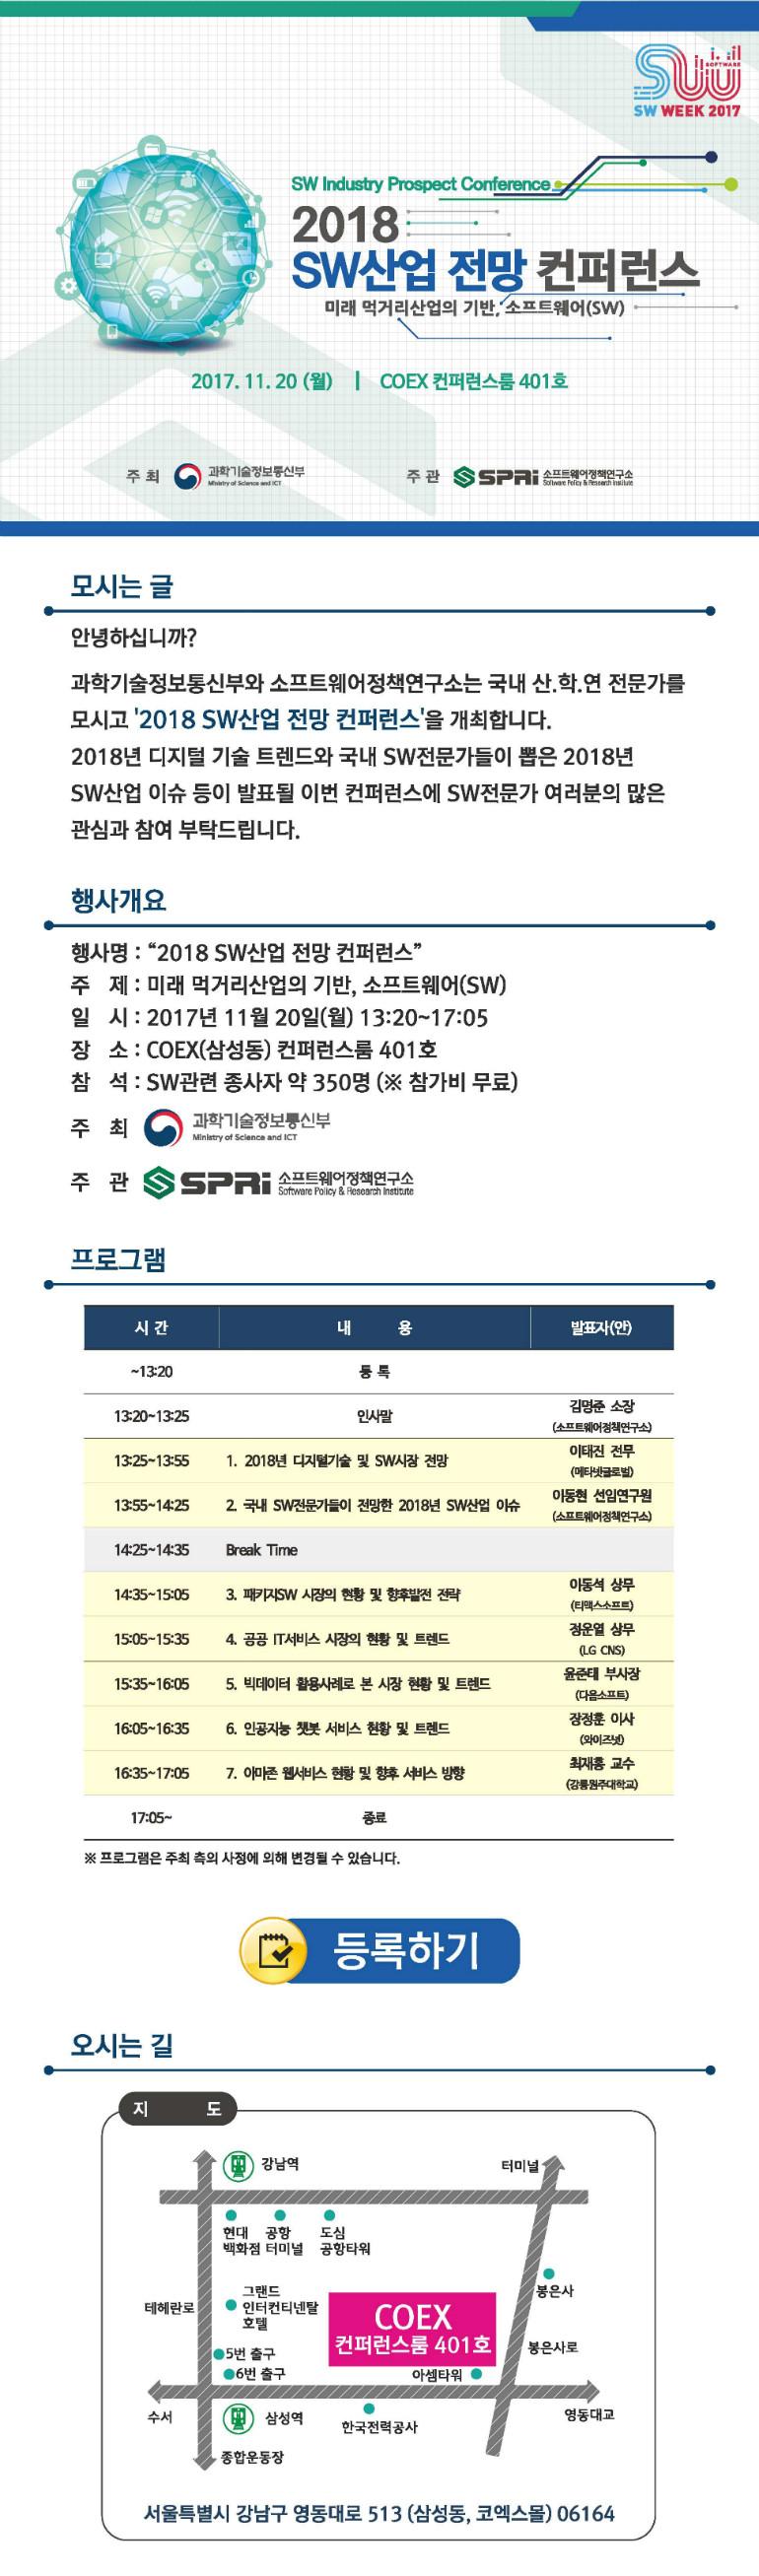 EDM_2018SW산업전망 컨퍼런스_(링크포함).jpg